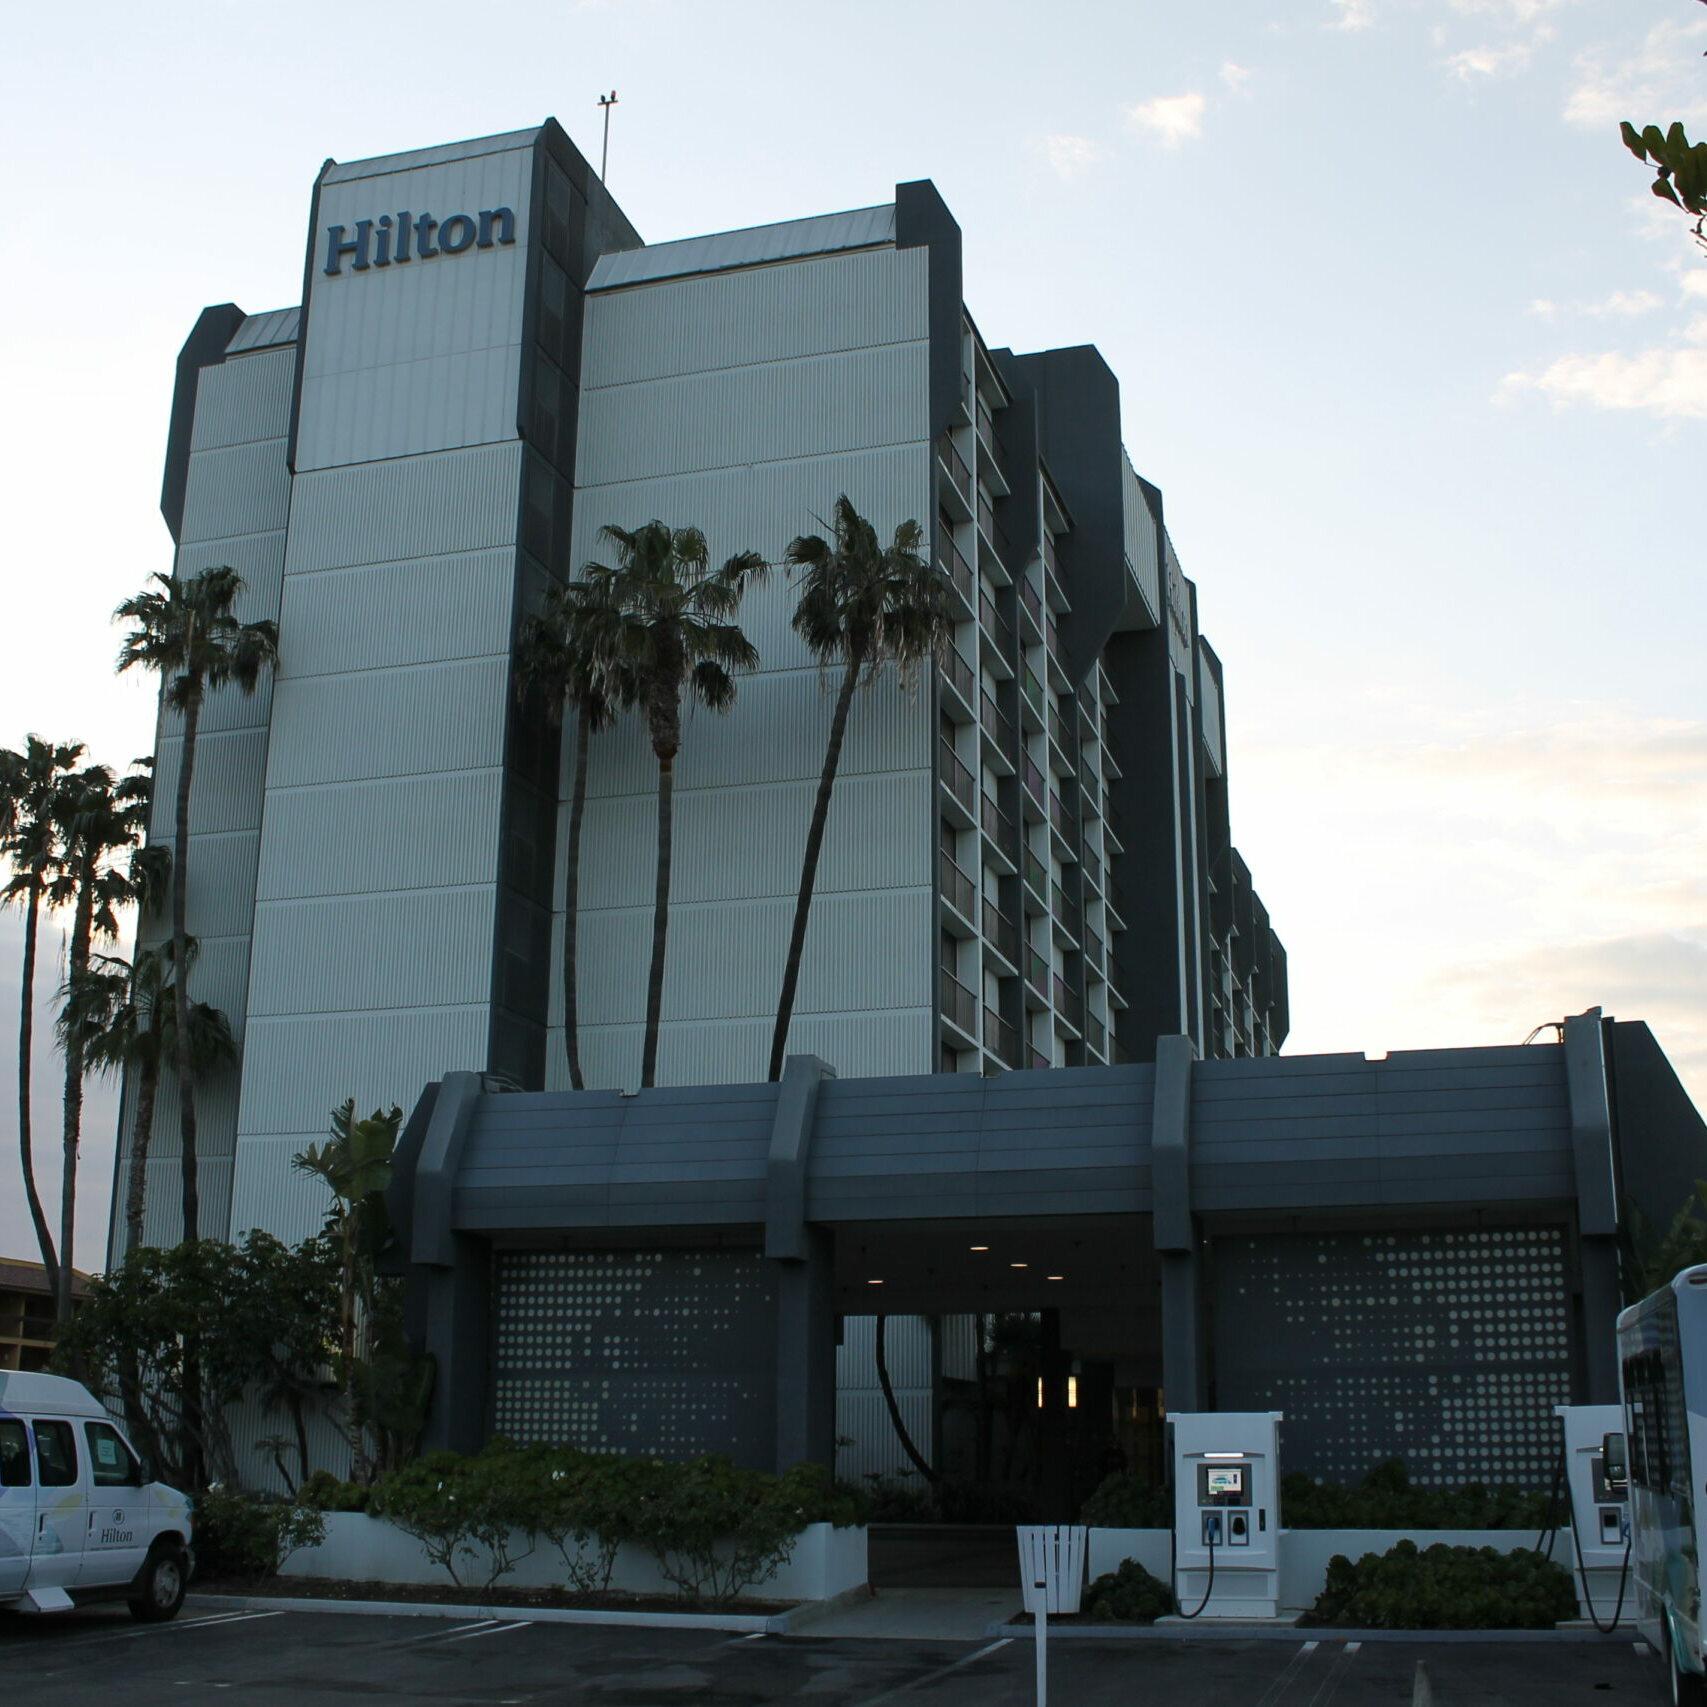 Hilton Irvine